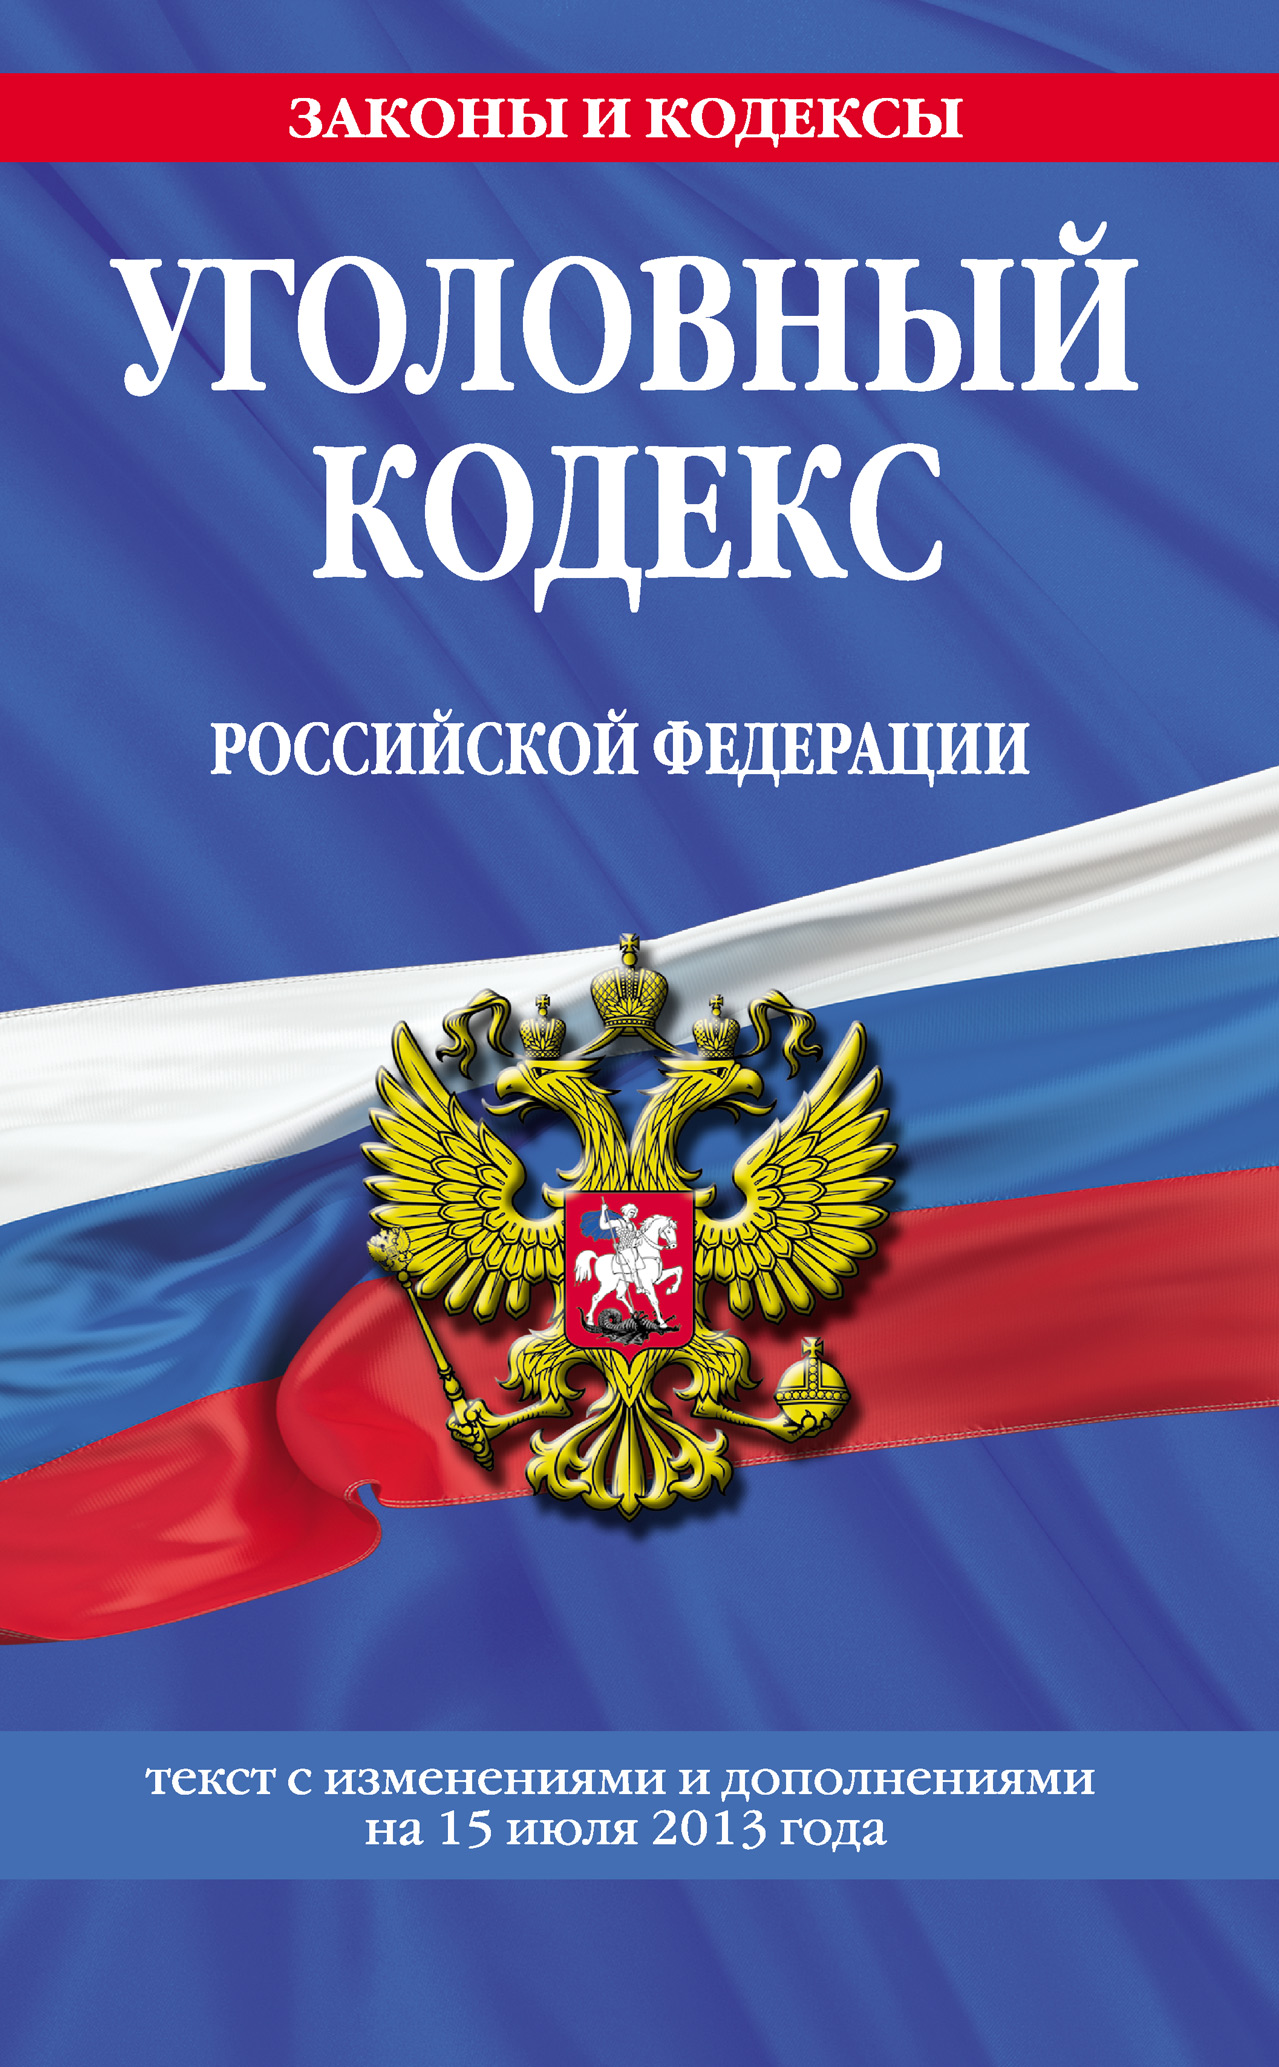 Уголовный кодекс Российской Федерации. Текст с изменениями и дополнениями на 15 июля 2013 года